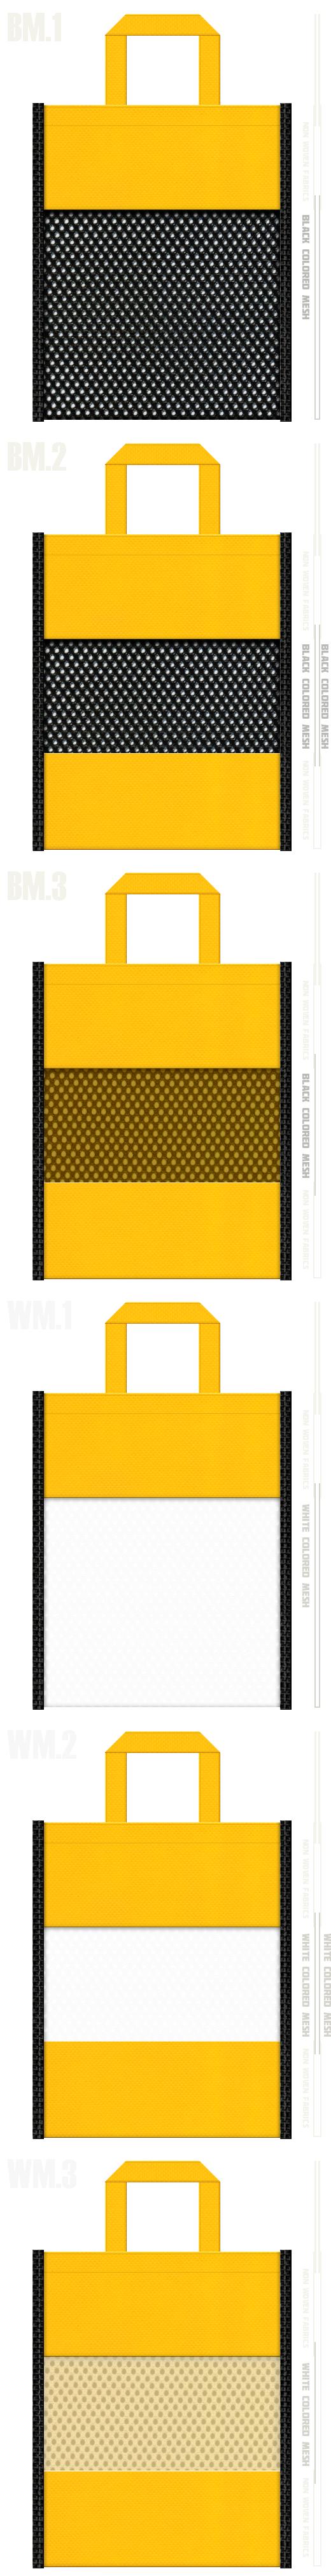 フラットタイプのメッシュバッグのカラーシミュレーション:黒色・白色メッシュと黄色不織布の組み合わせ